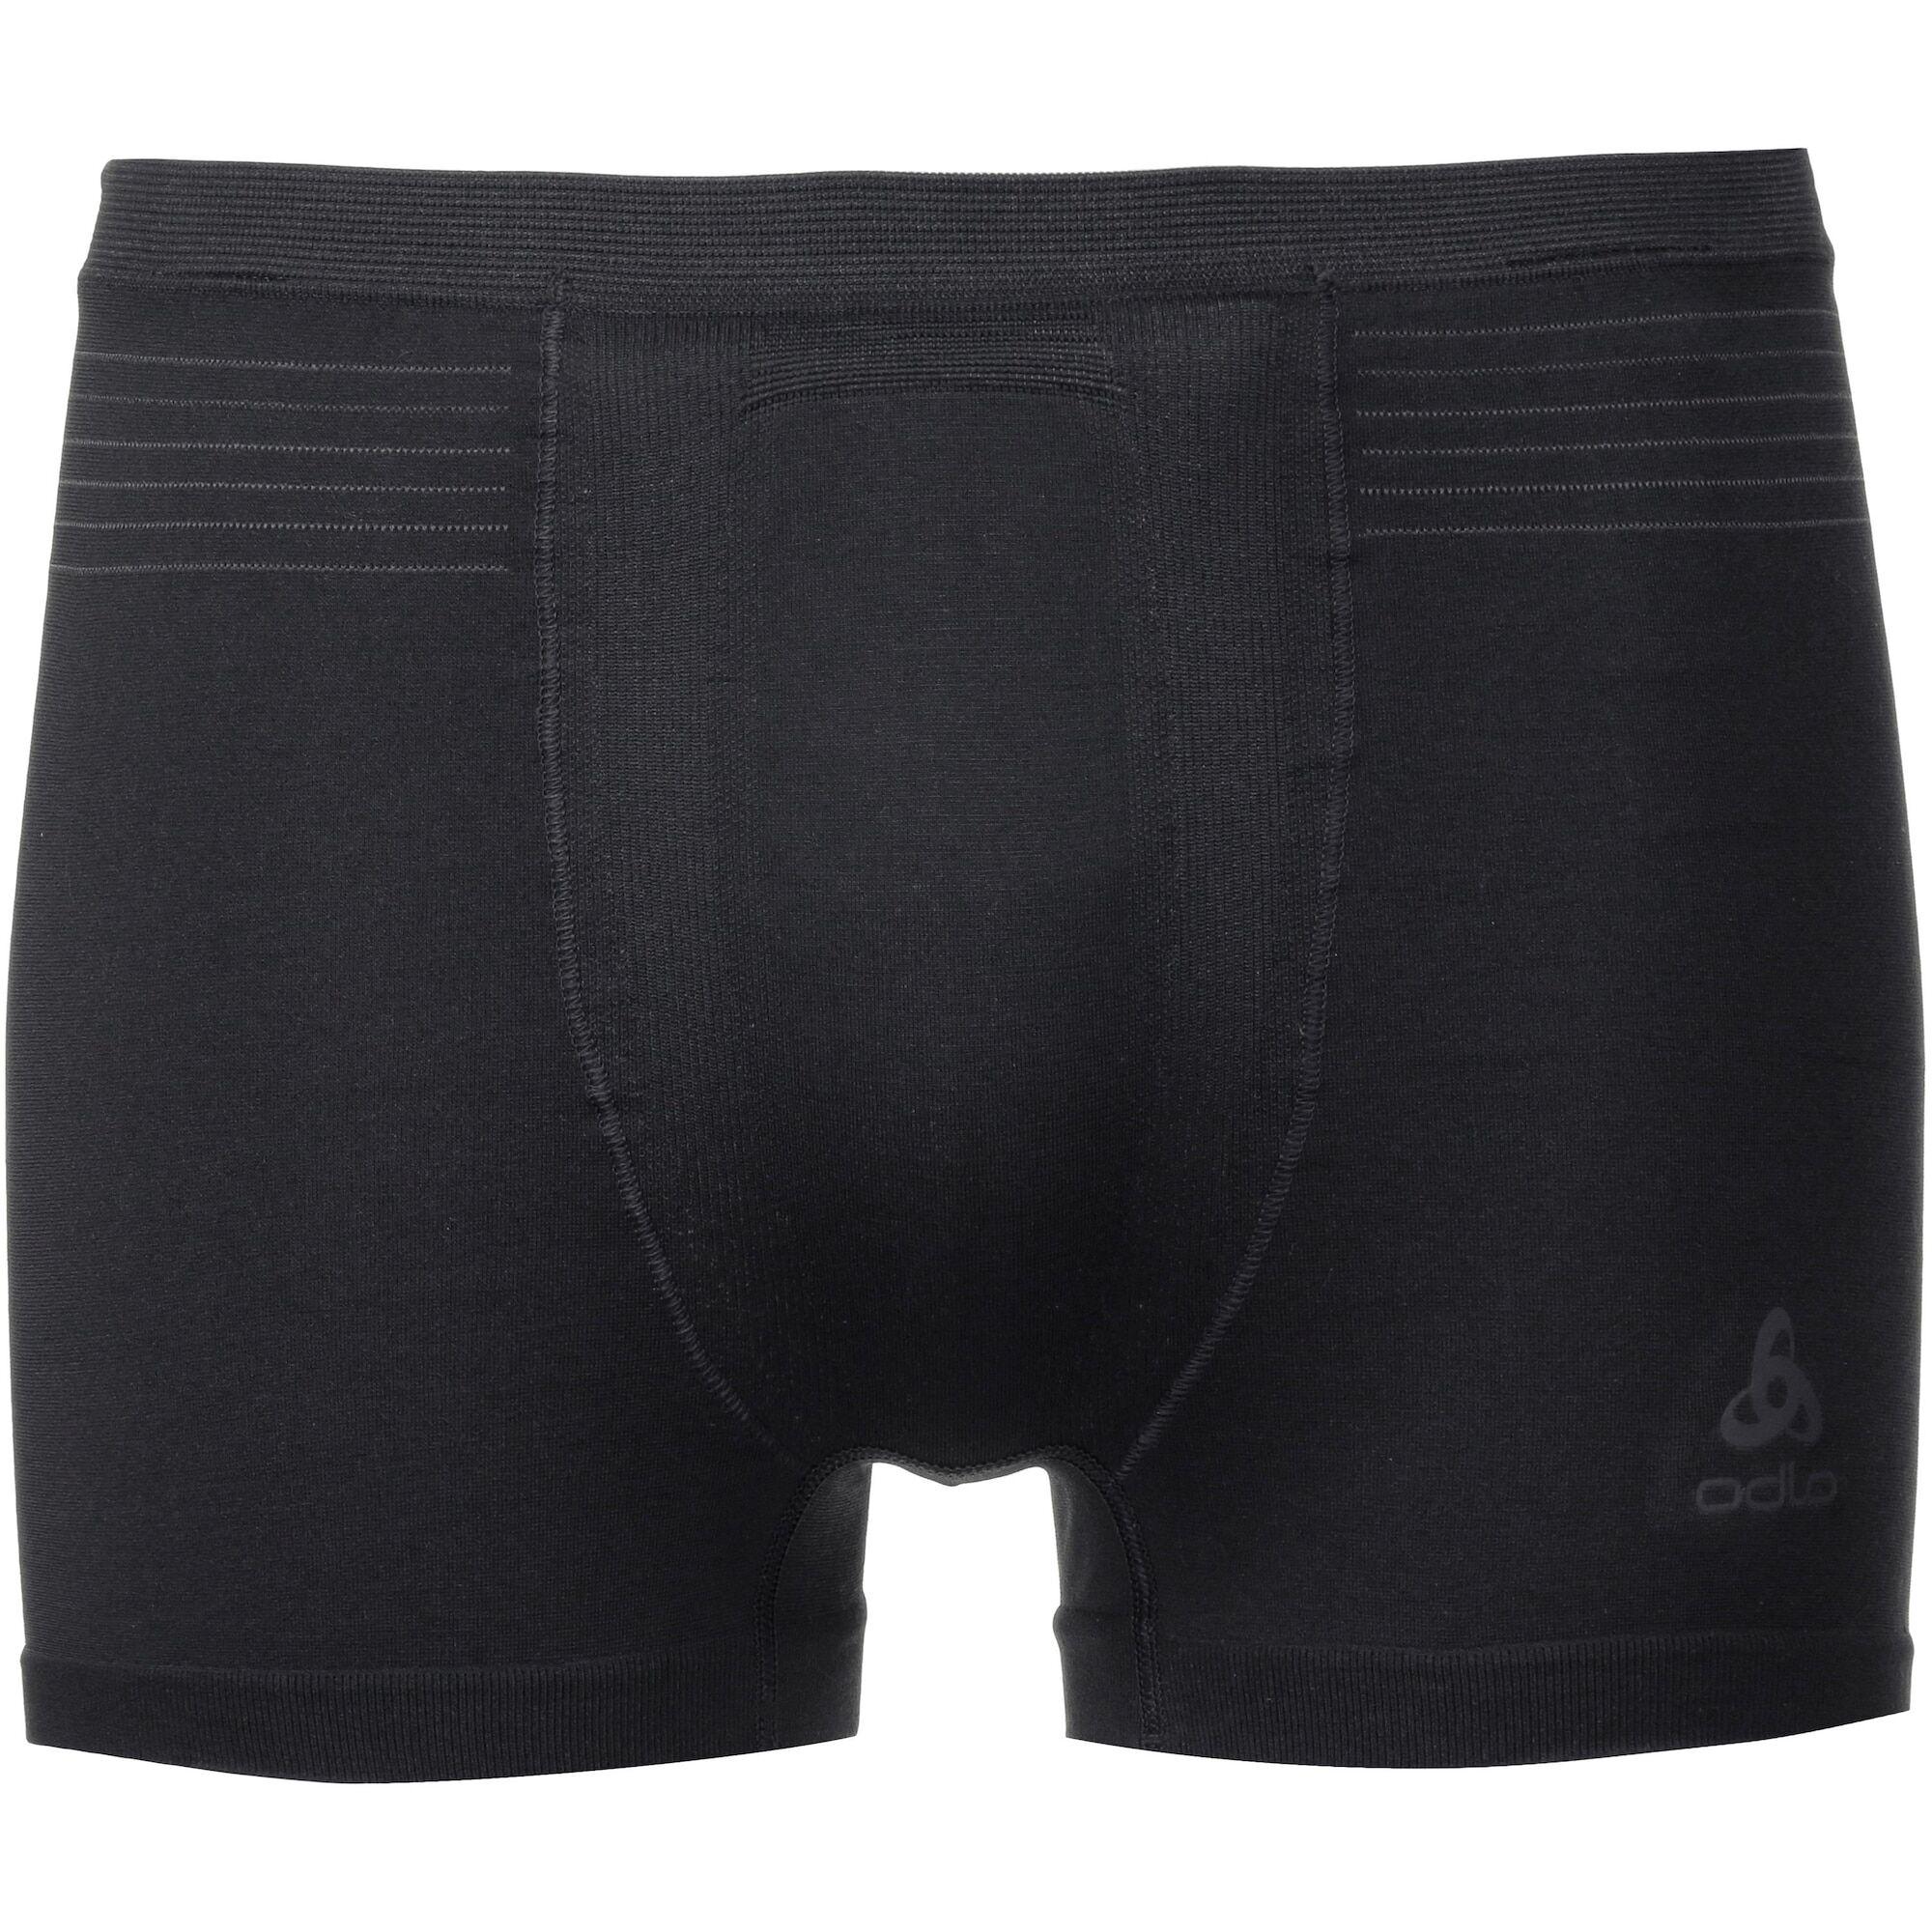 ODLO Sous-vêtements de sport 'Performance Light'  - Noir - Taille: M - male